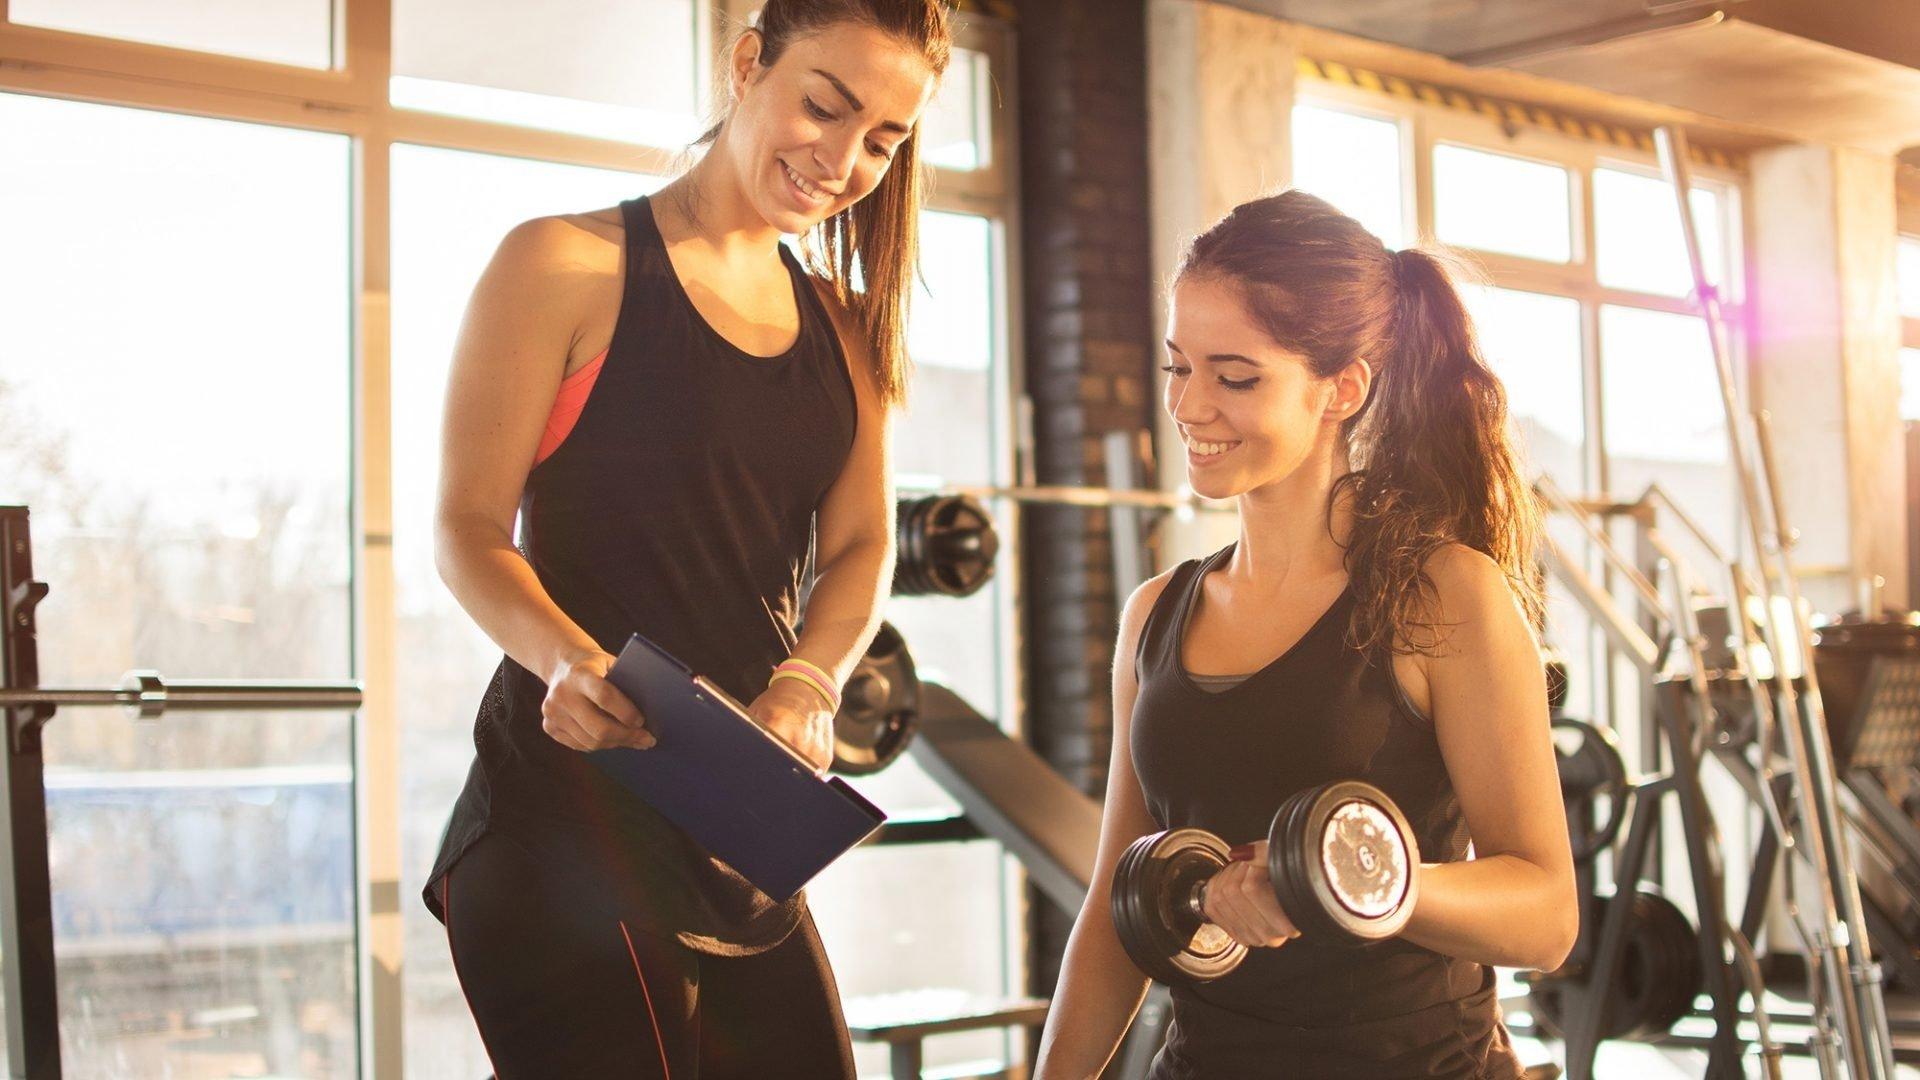 Как тренеру привлечь больше клиентов: 6 способов